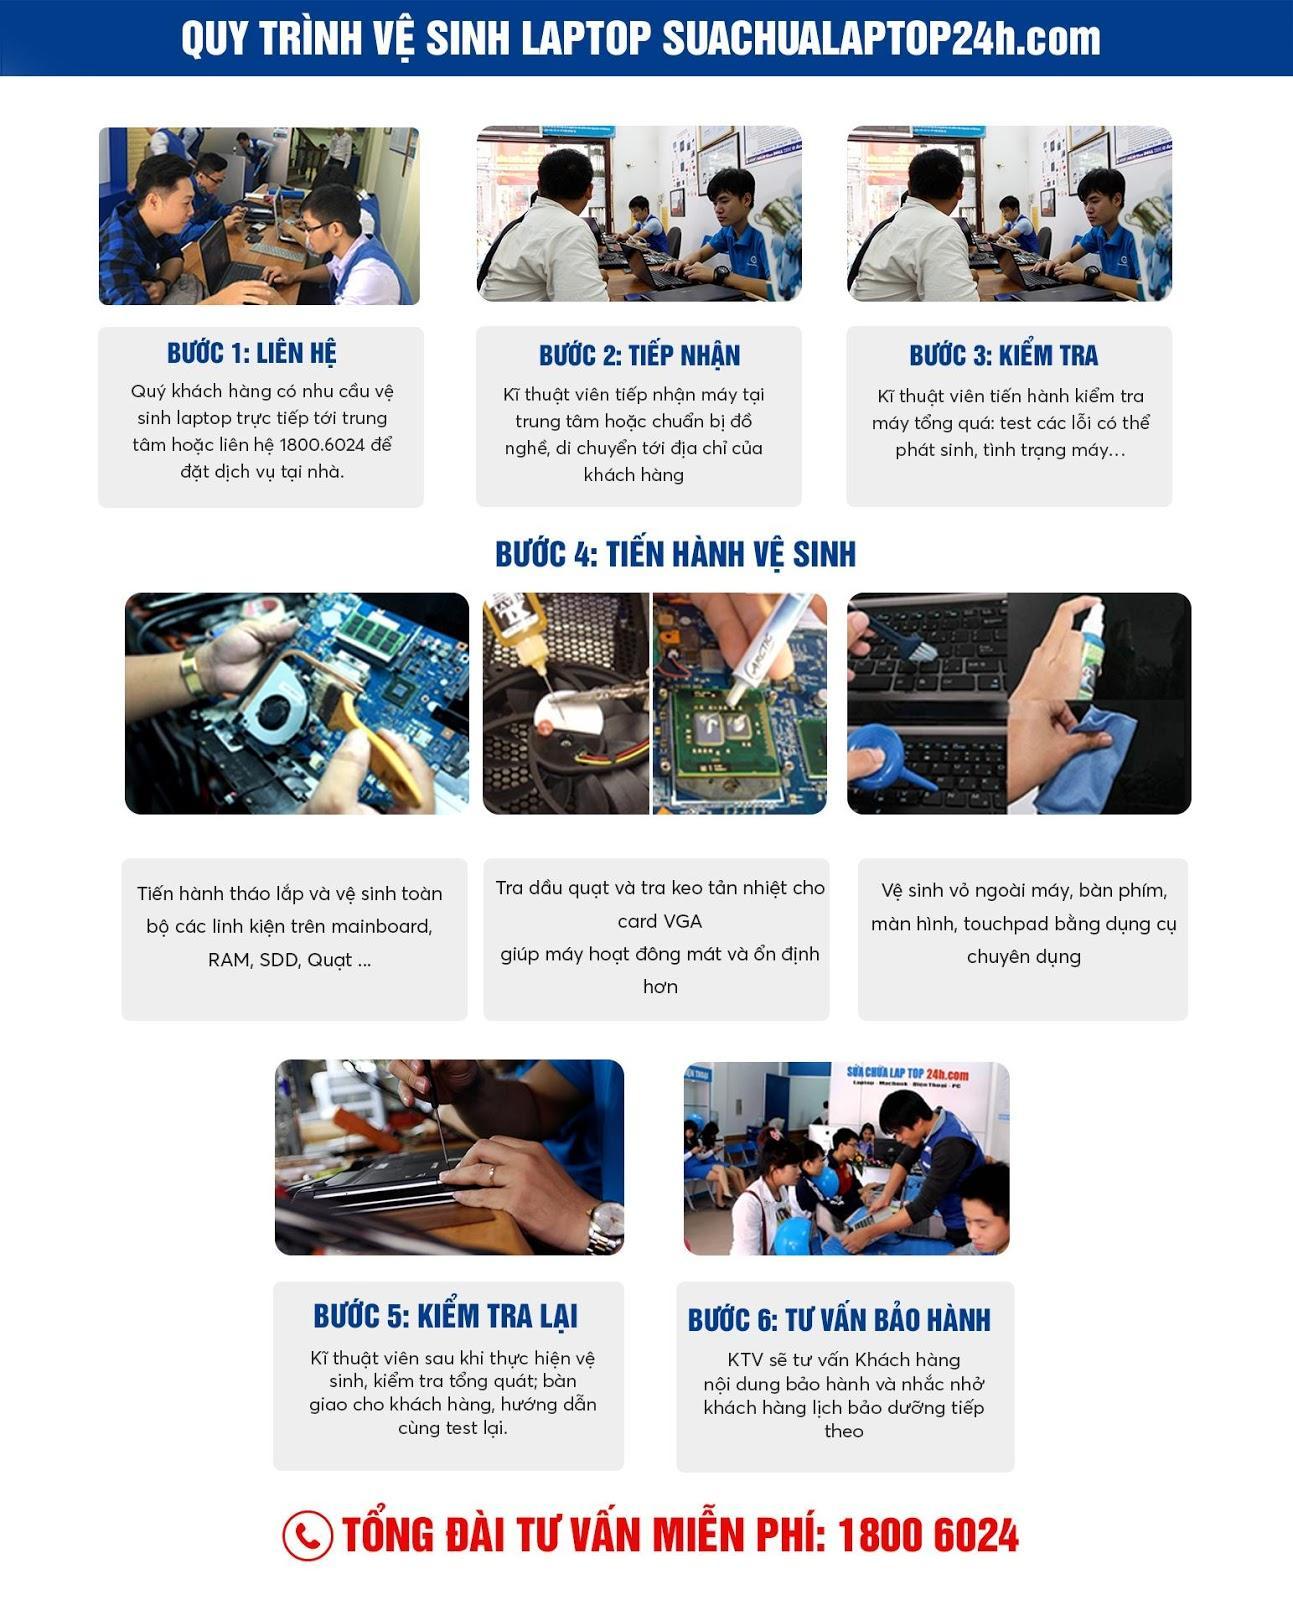 quy trình vệ sinh laptop tại SUACHUALAPTOP24h.com